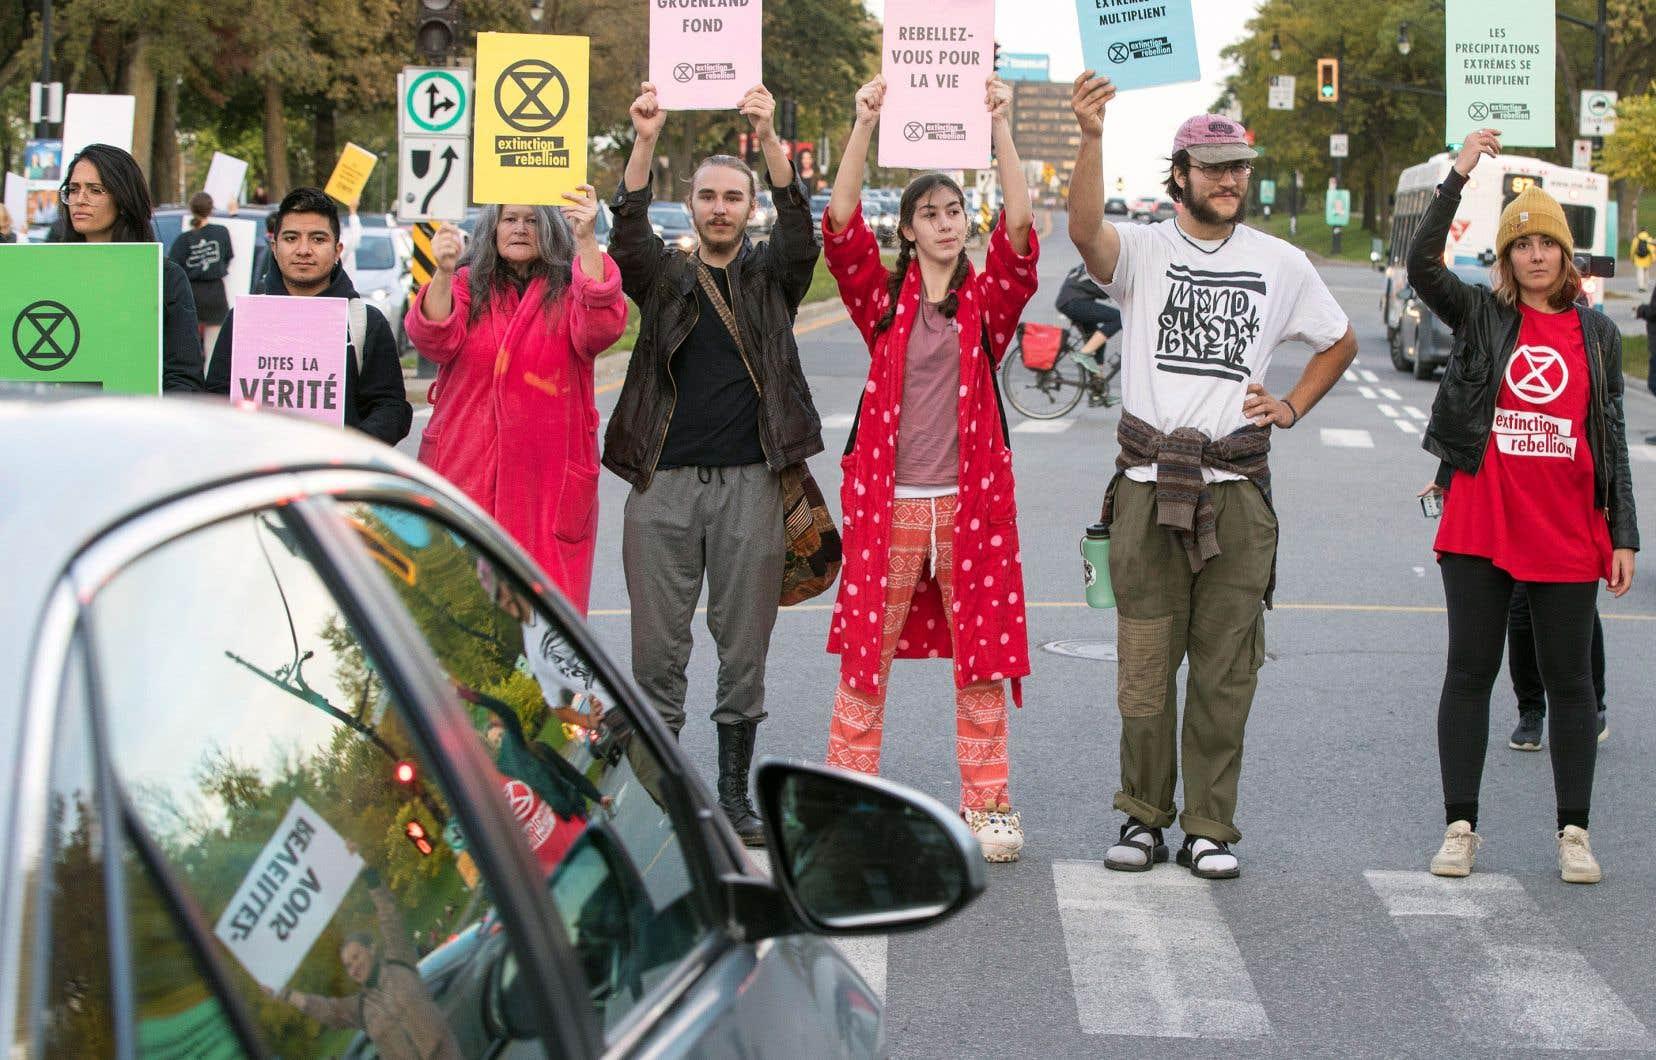 Après avoir perturbé la circulation sur le pont Jacques-Cartier mardi, des militants du mouvement Extinction Rebellion étaient de retour dans les rues mercredi.